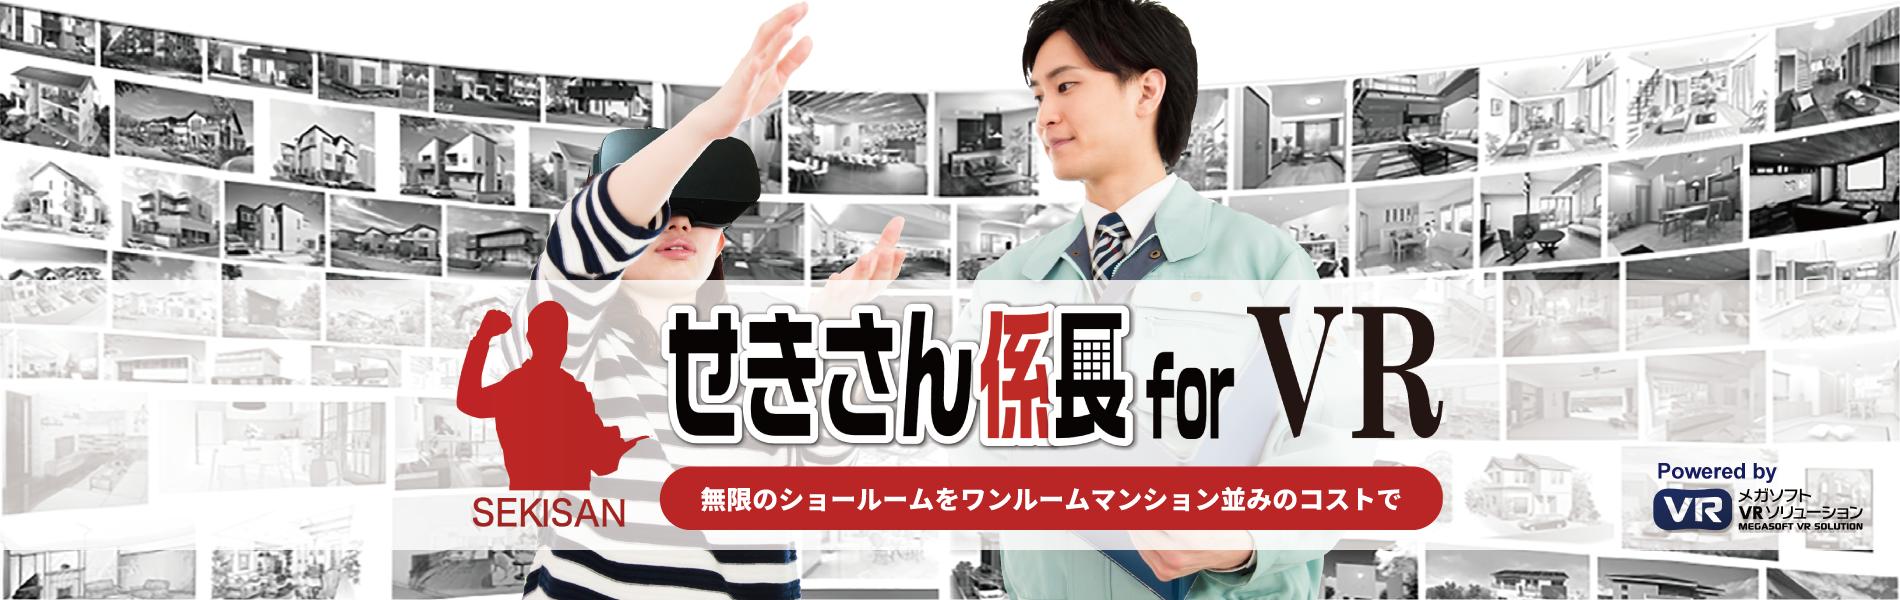 SKVR(せきさん係長 for VR)